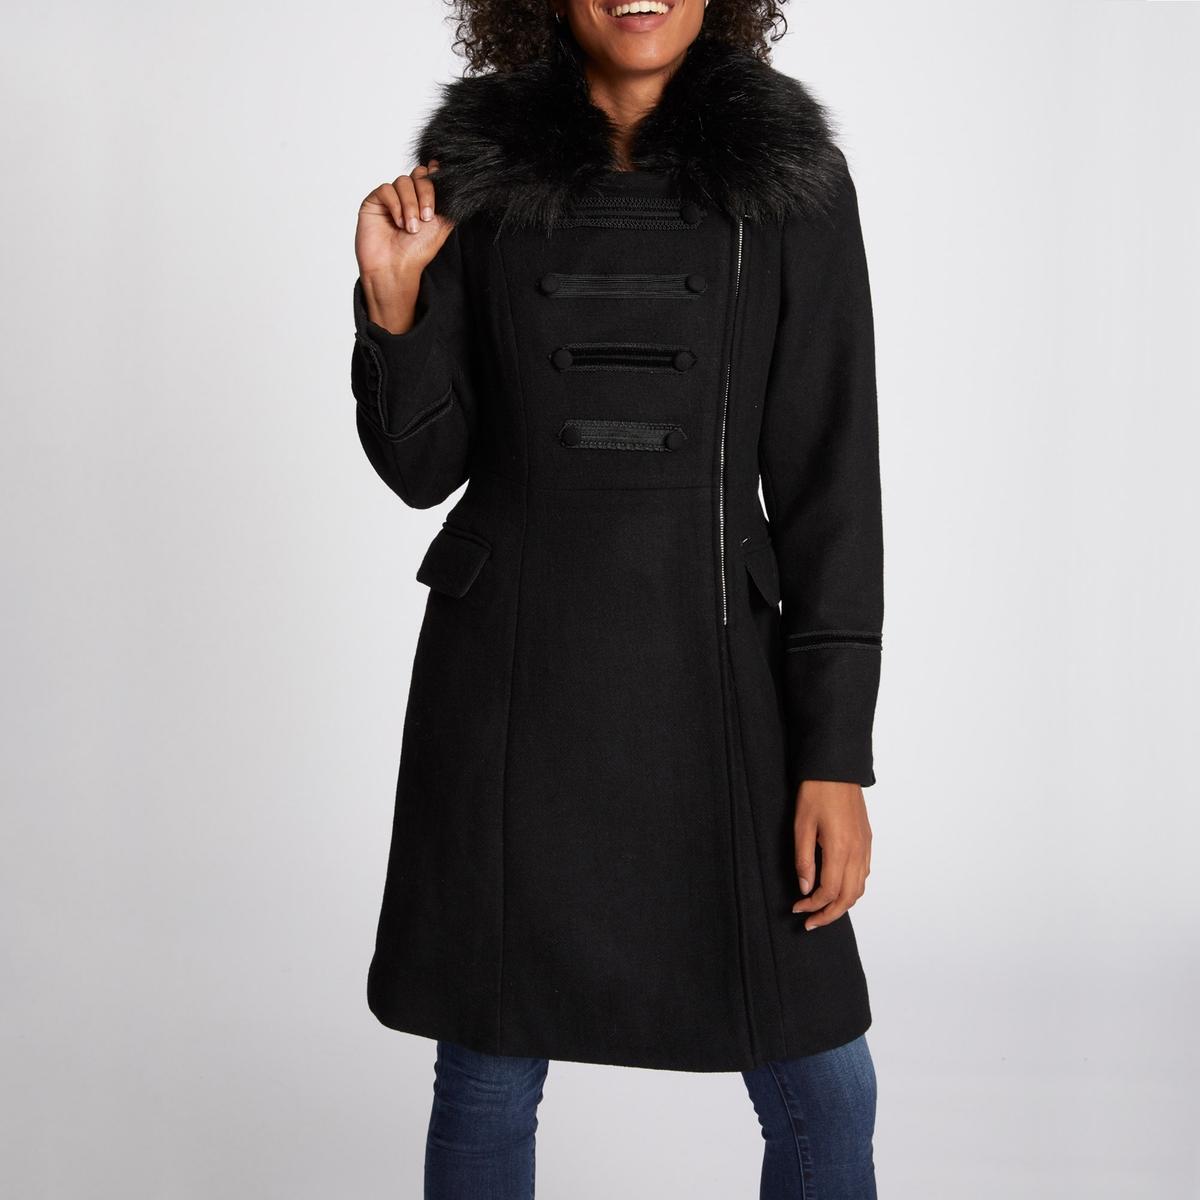 Пальто длинное с застежкой на молнию, демисезон